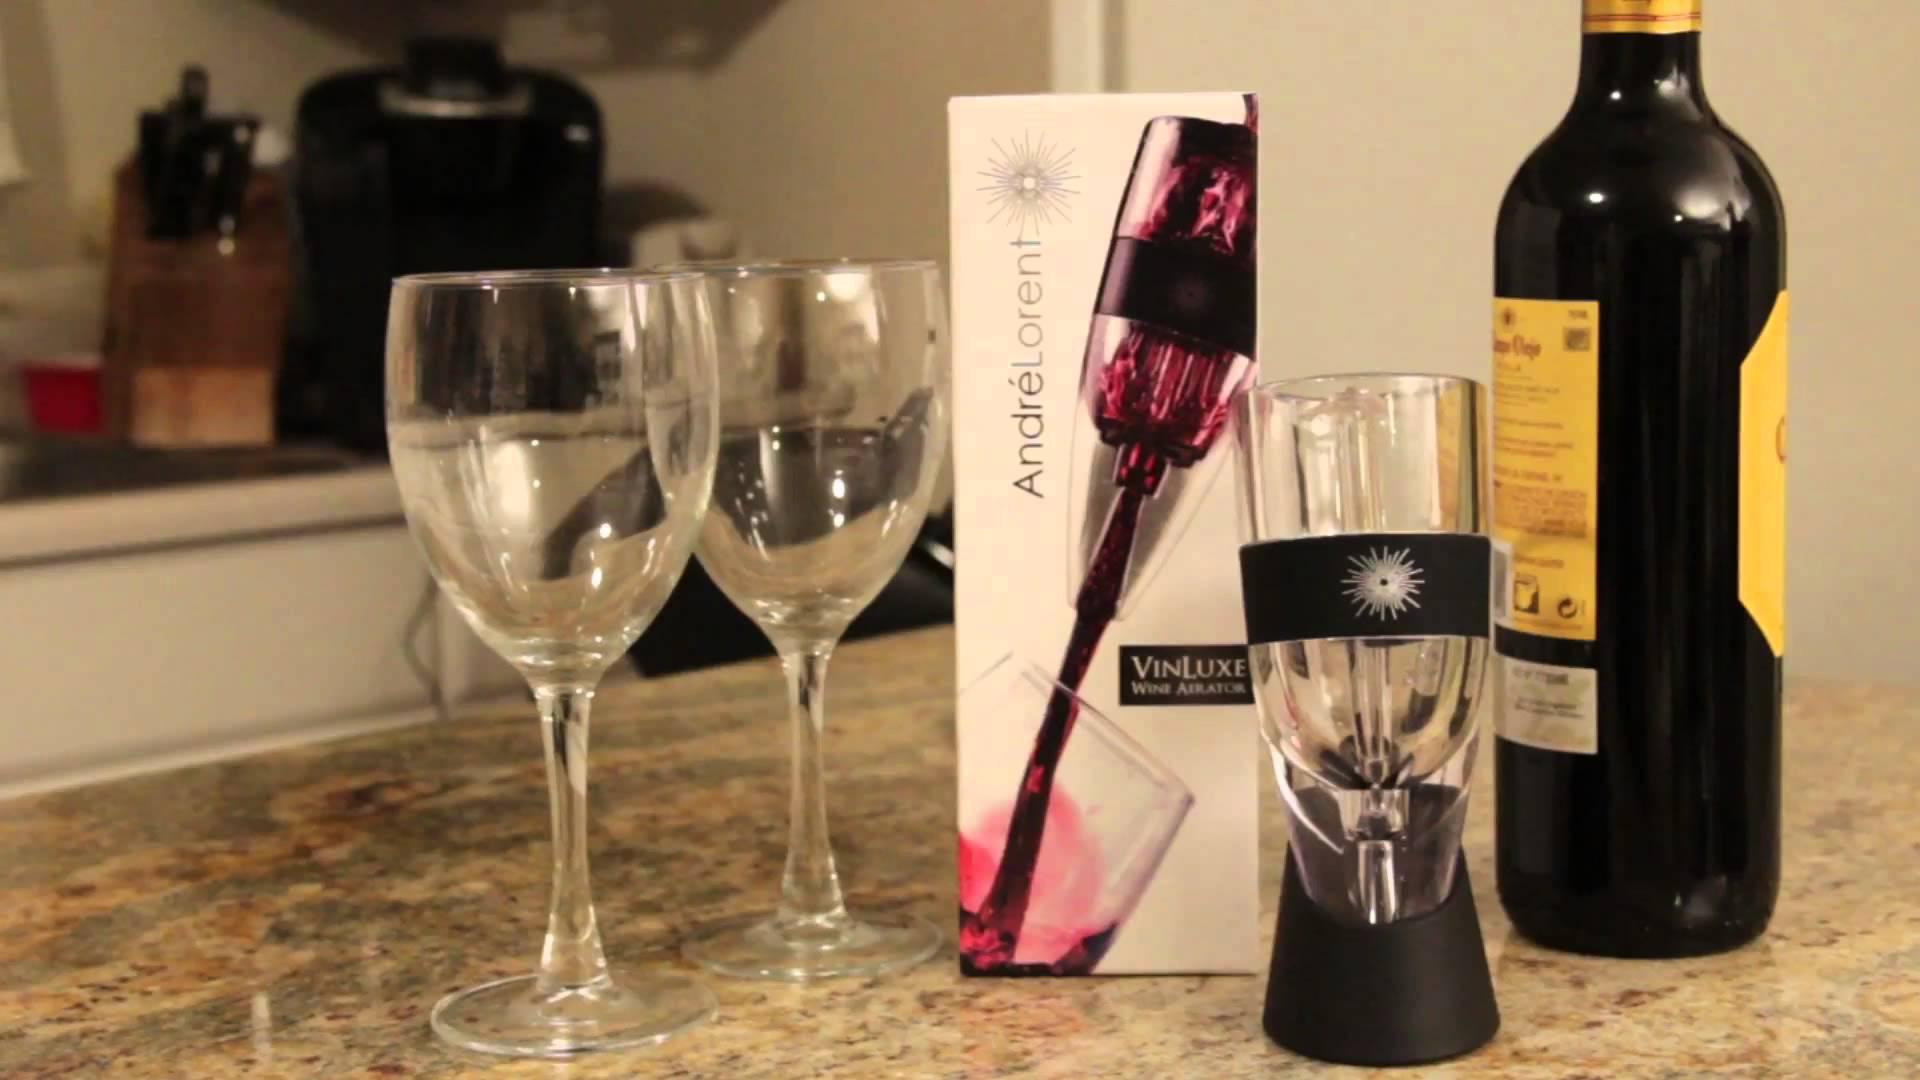 regalos amantes del vino 02 - Los 5 regalos perfectos para todo amante del vino